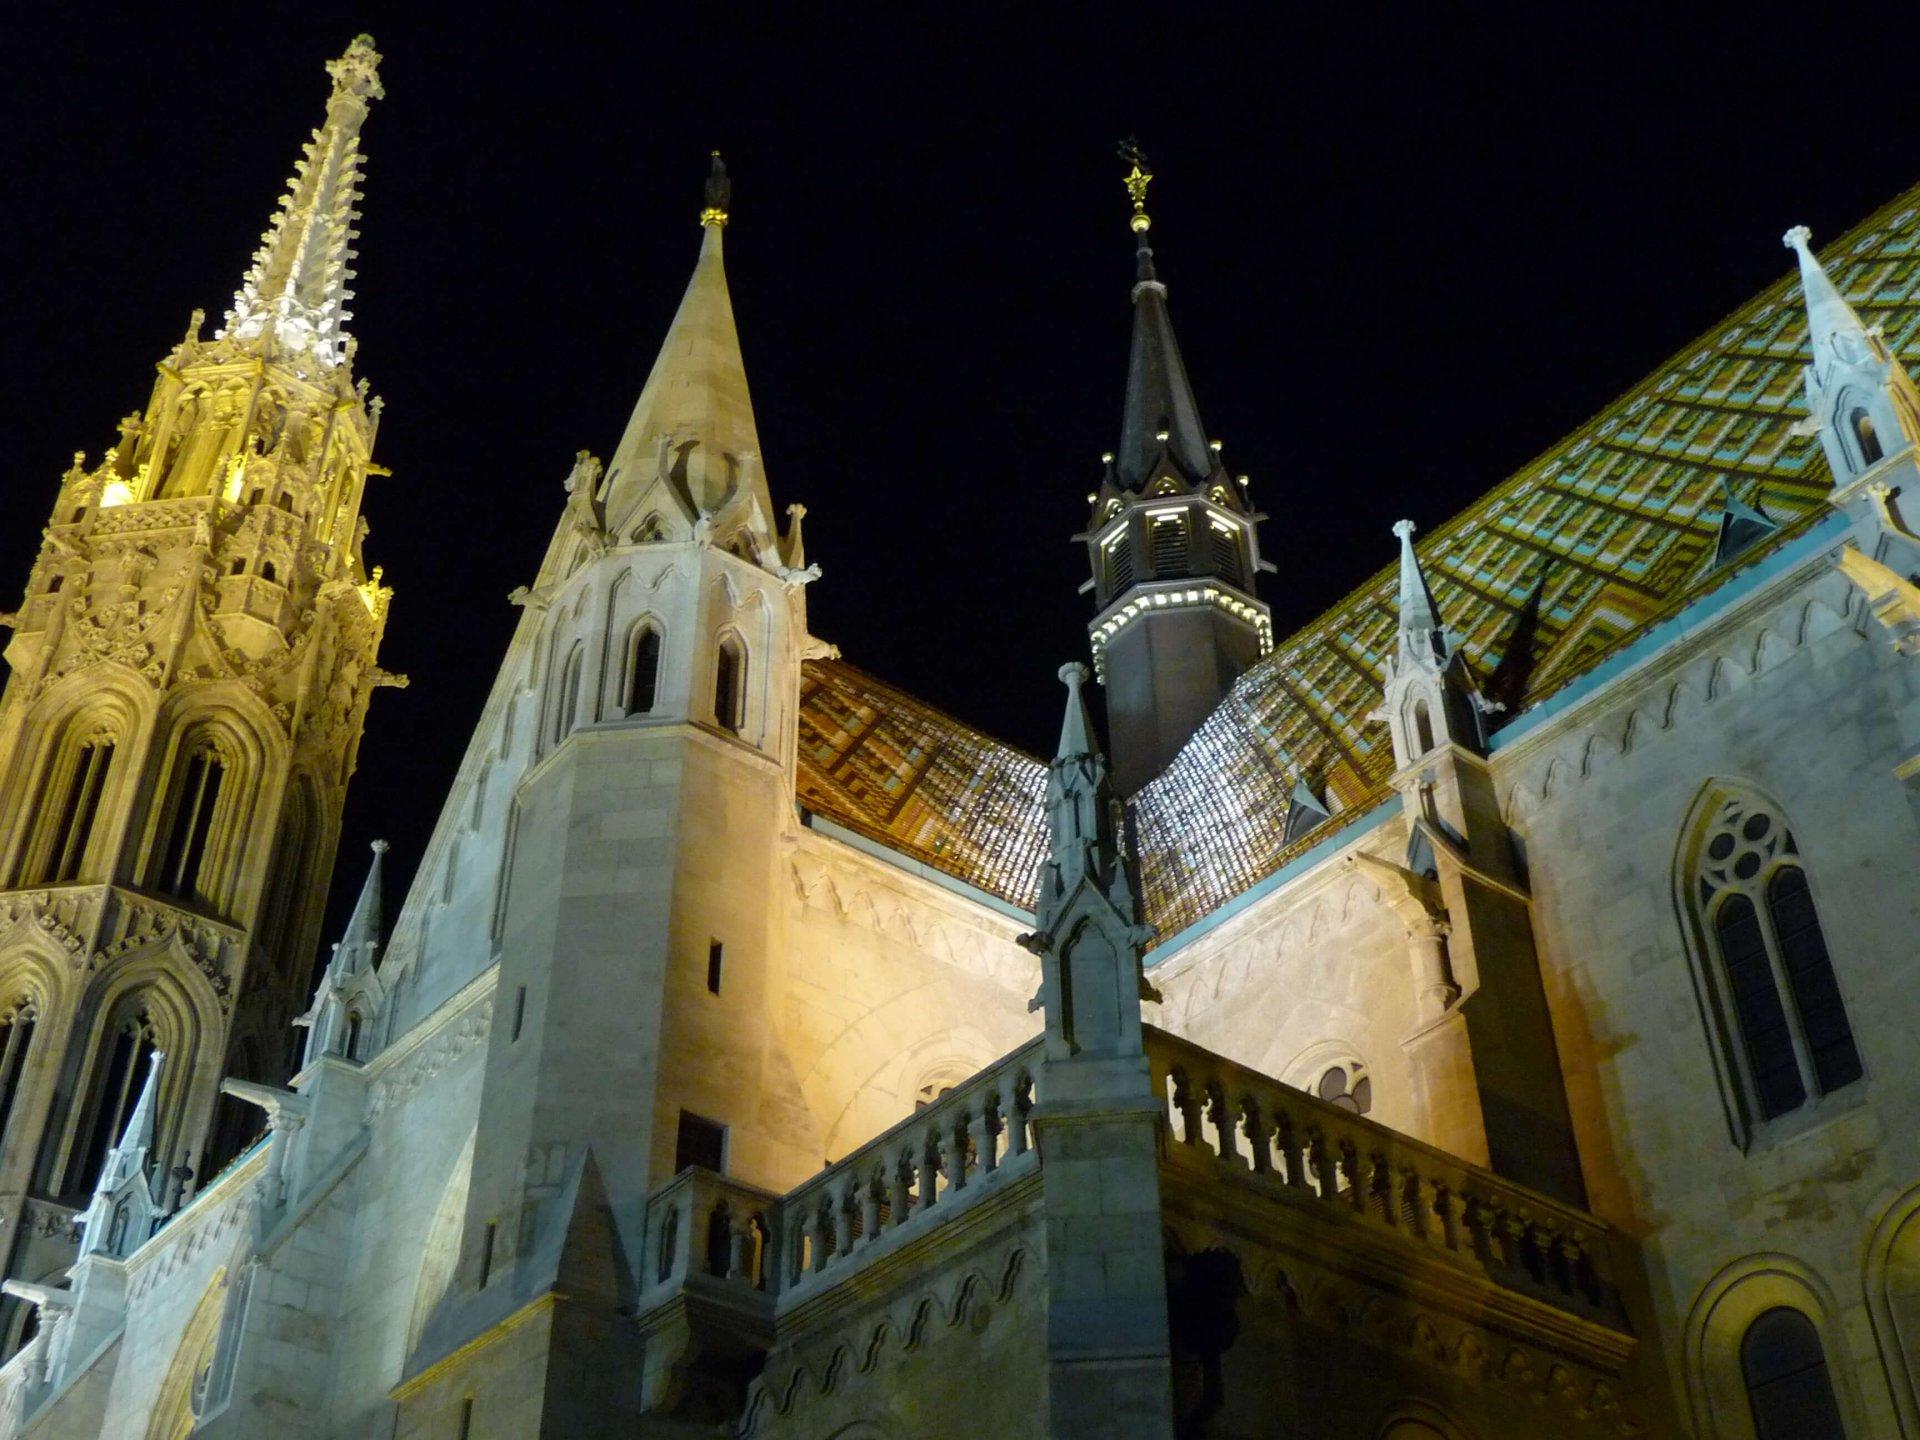 Dach der Matthiaskirche nachts